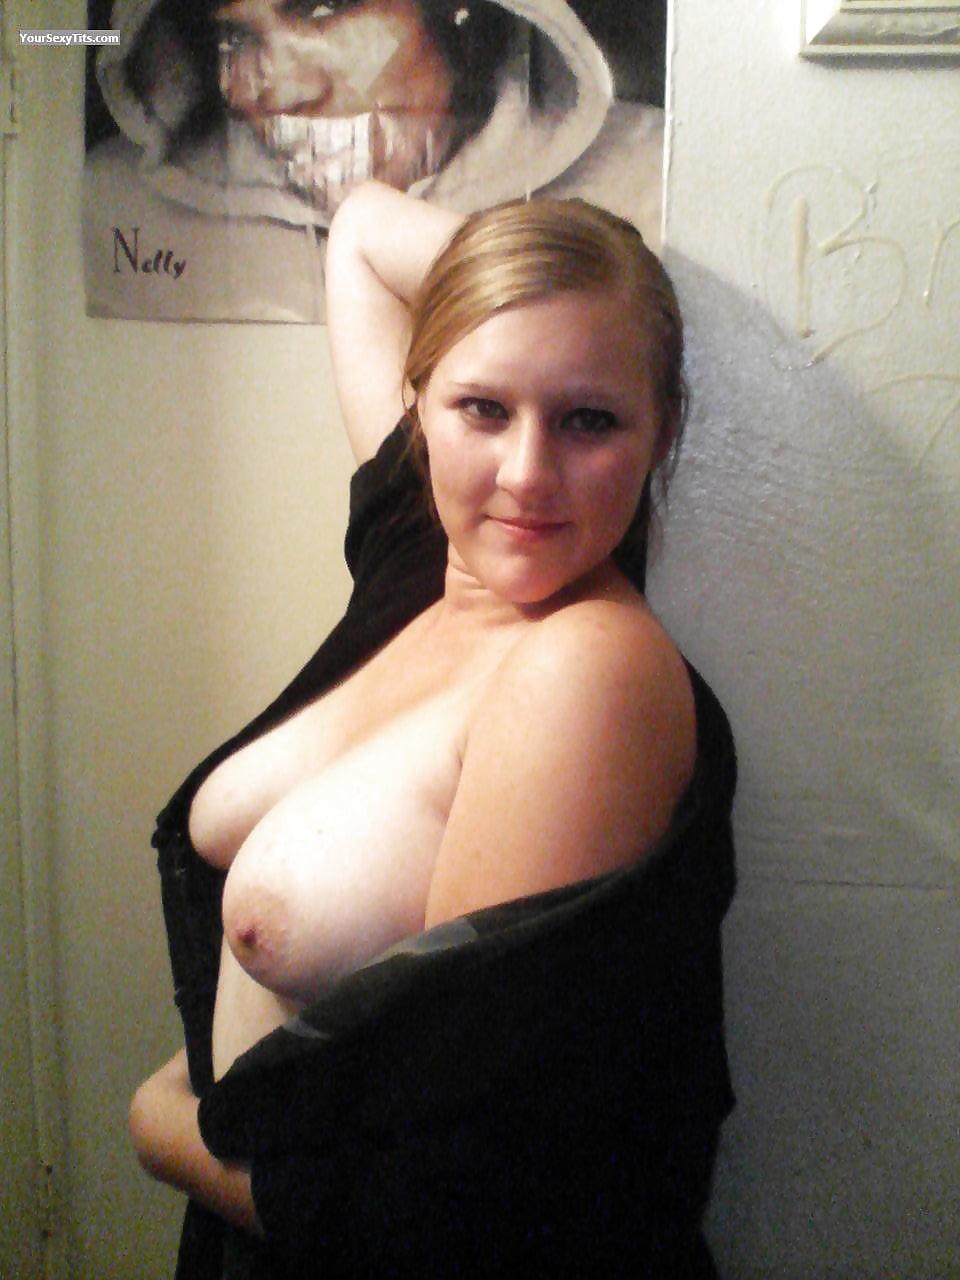 Poland girl naked photos